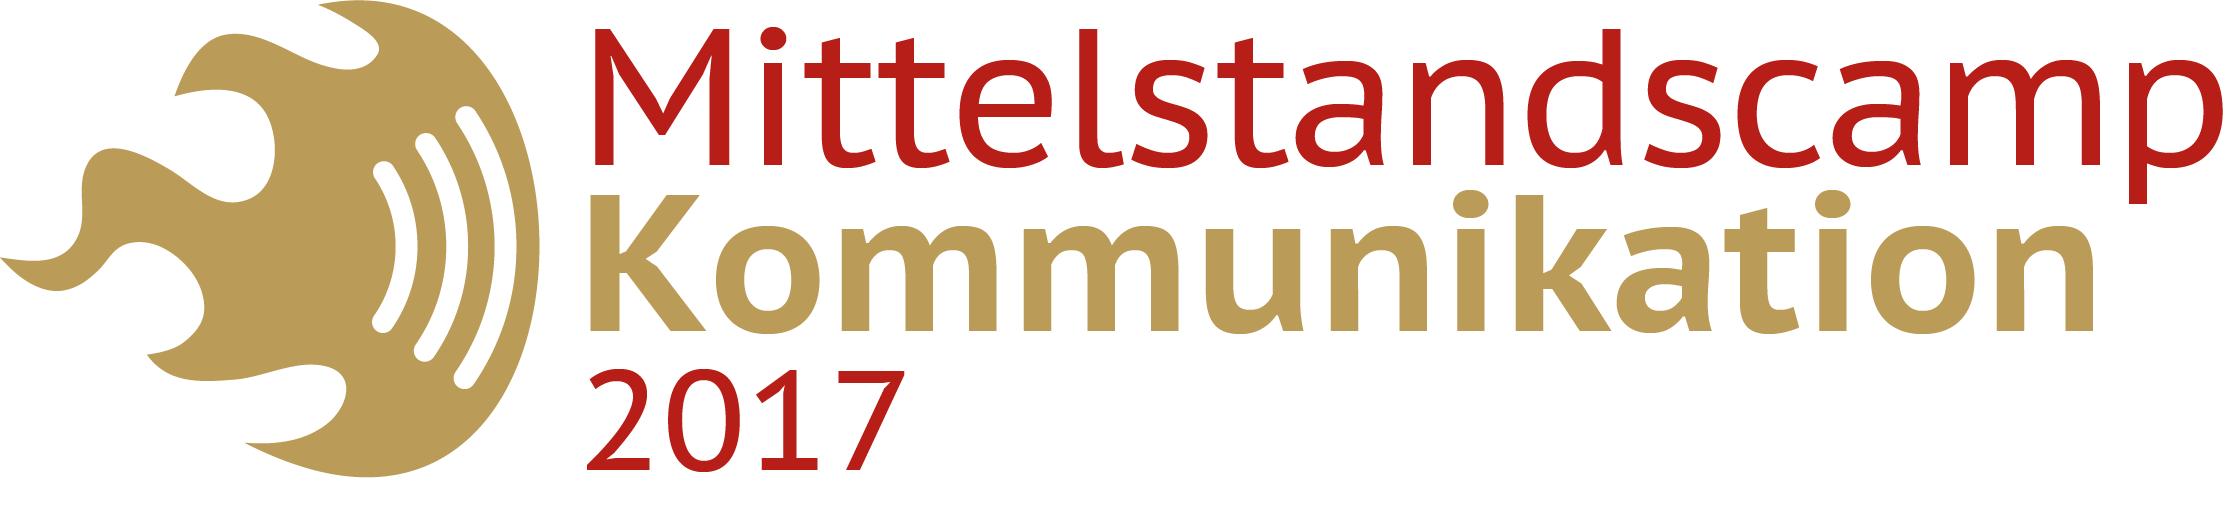 Logo Mittelstandscamp Kommunikation